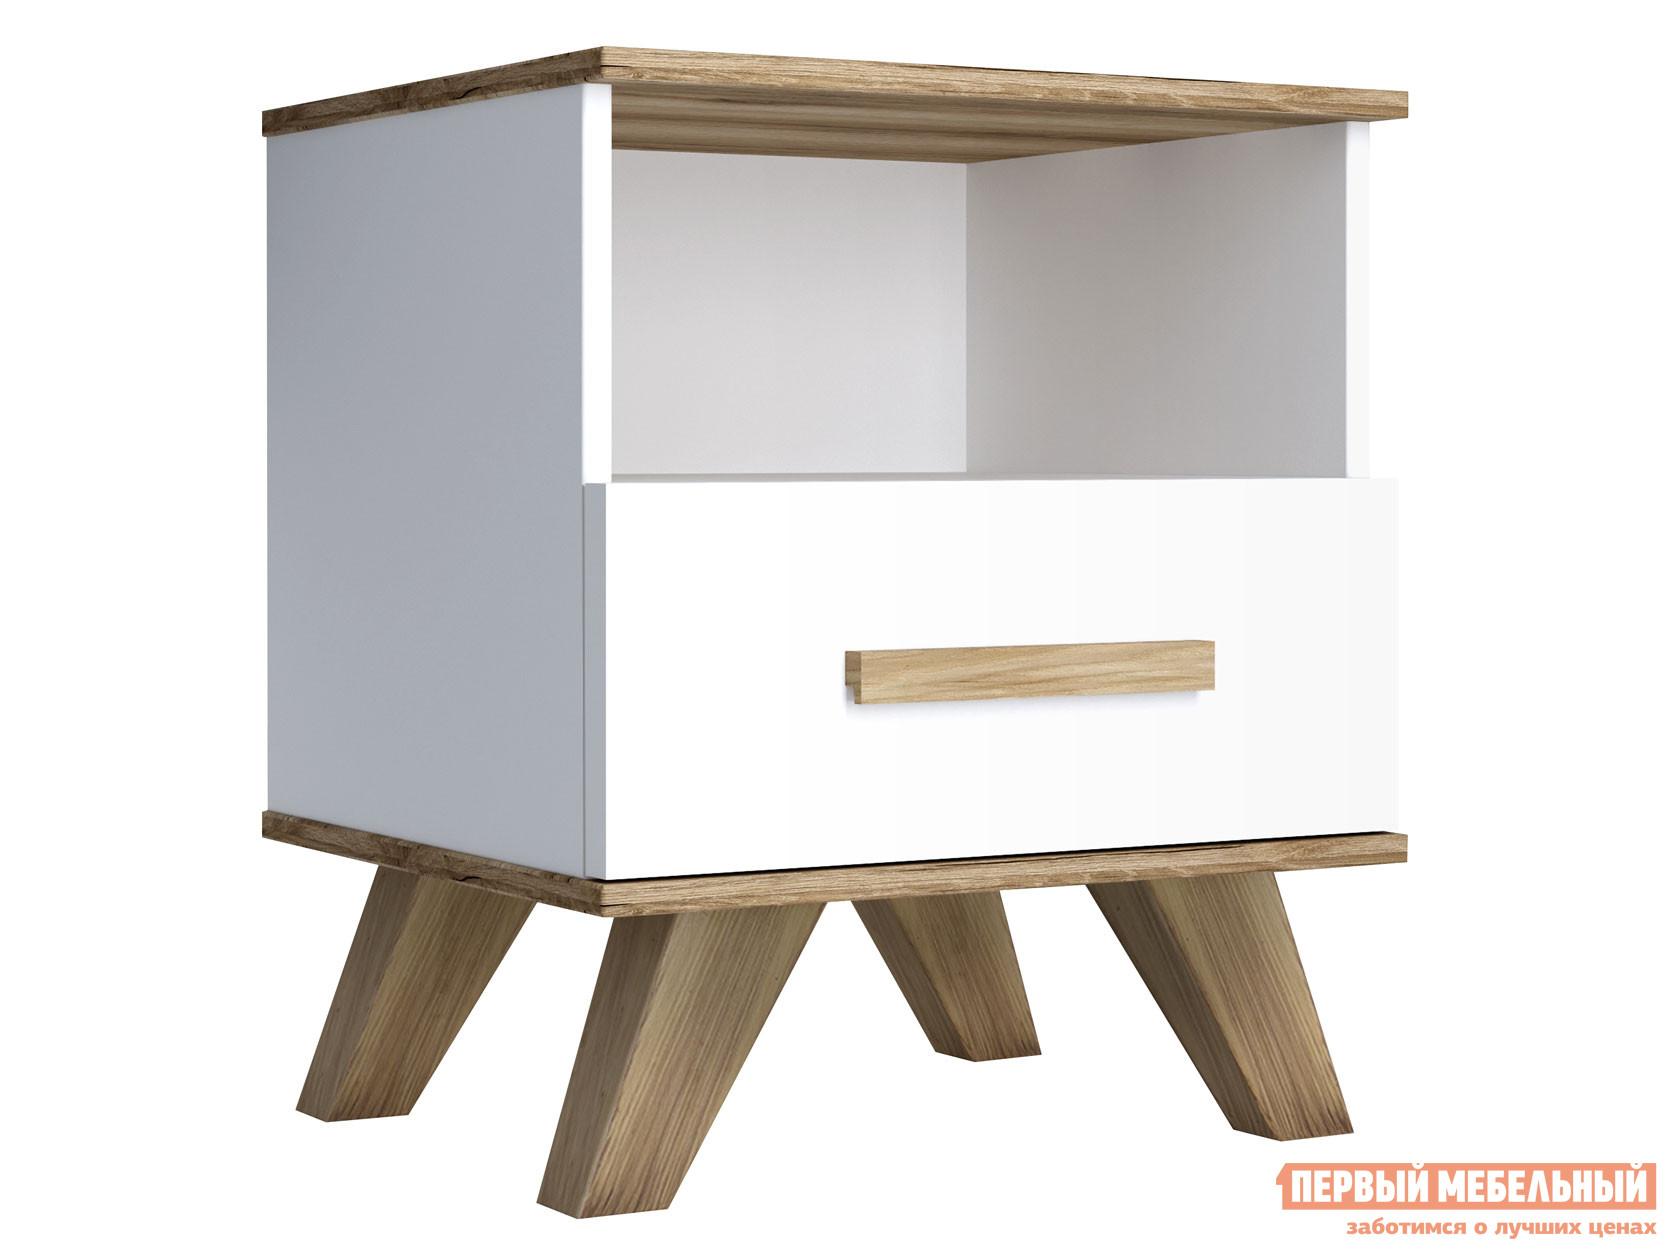 Фото - Прикроватная тумбочка Первый Мебельный Тумба прикроватная Вега Скандинавия прикроватная тумбочка первый мебельный прикроватная тумба стандарт